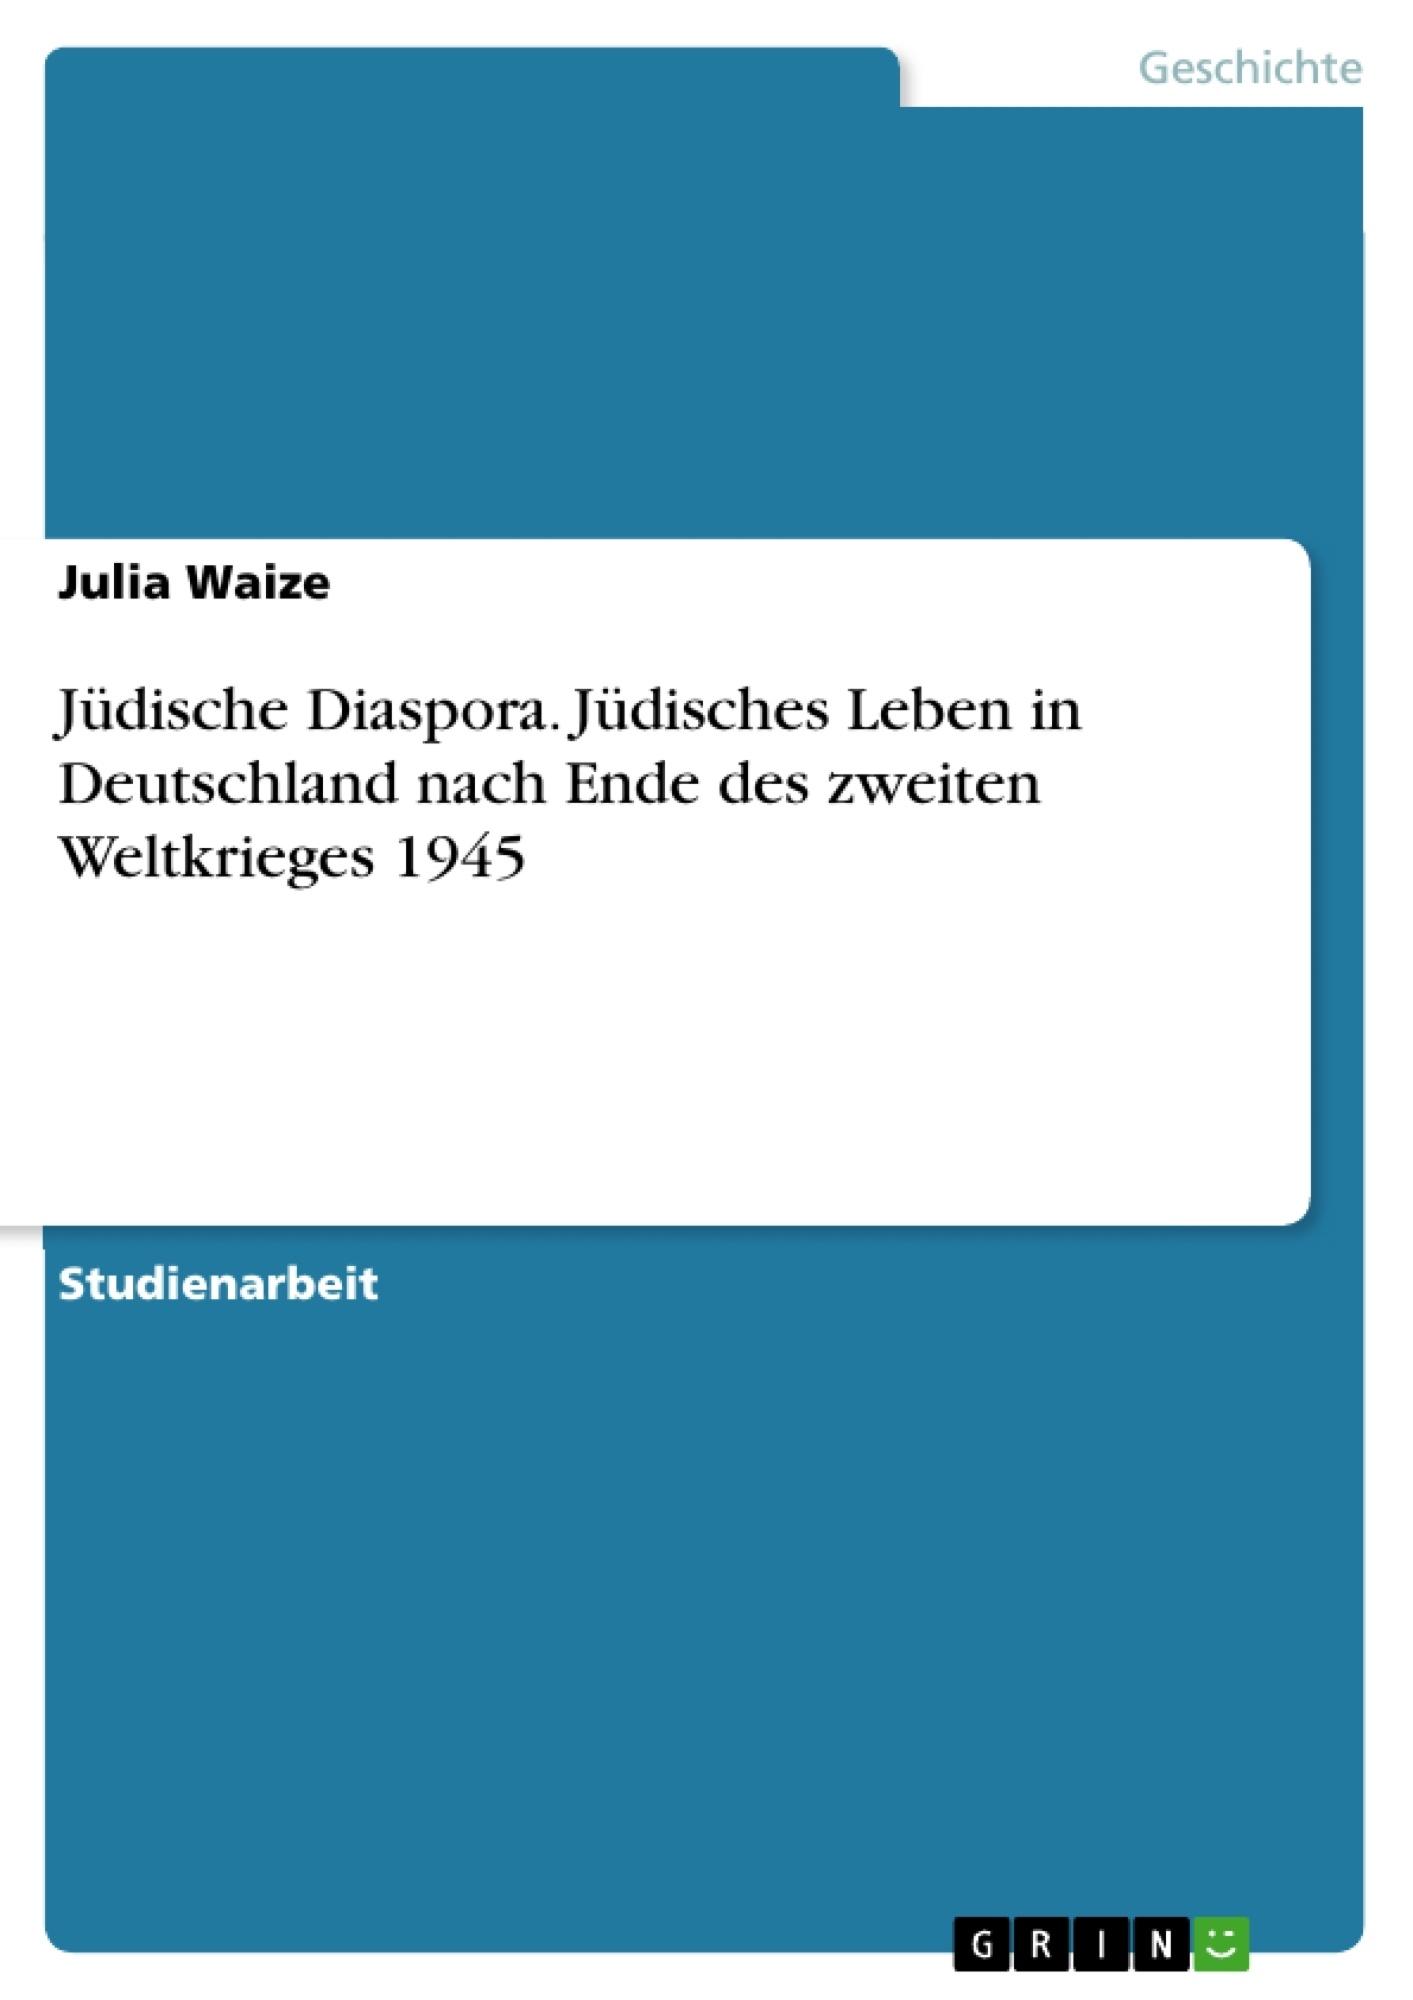 Titel: Jüdische Diaspora. Jüdisches Leben in Deutschland nach Ende des zweiten Weltkrieges 1945